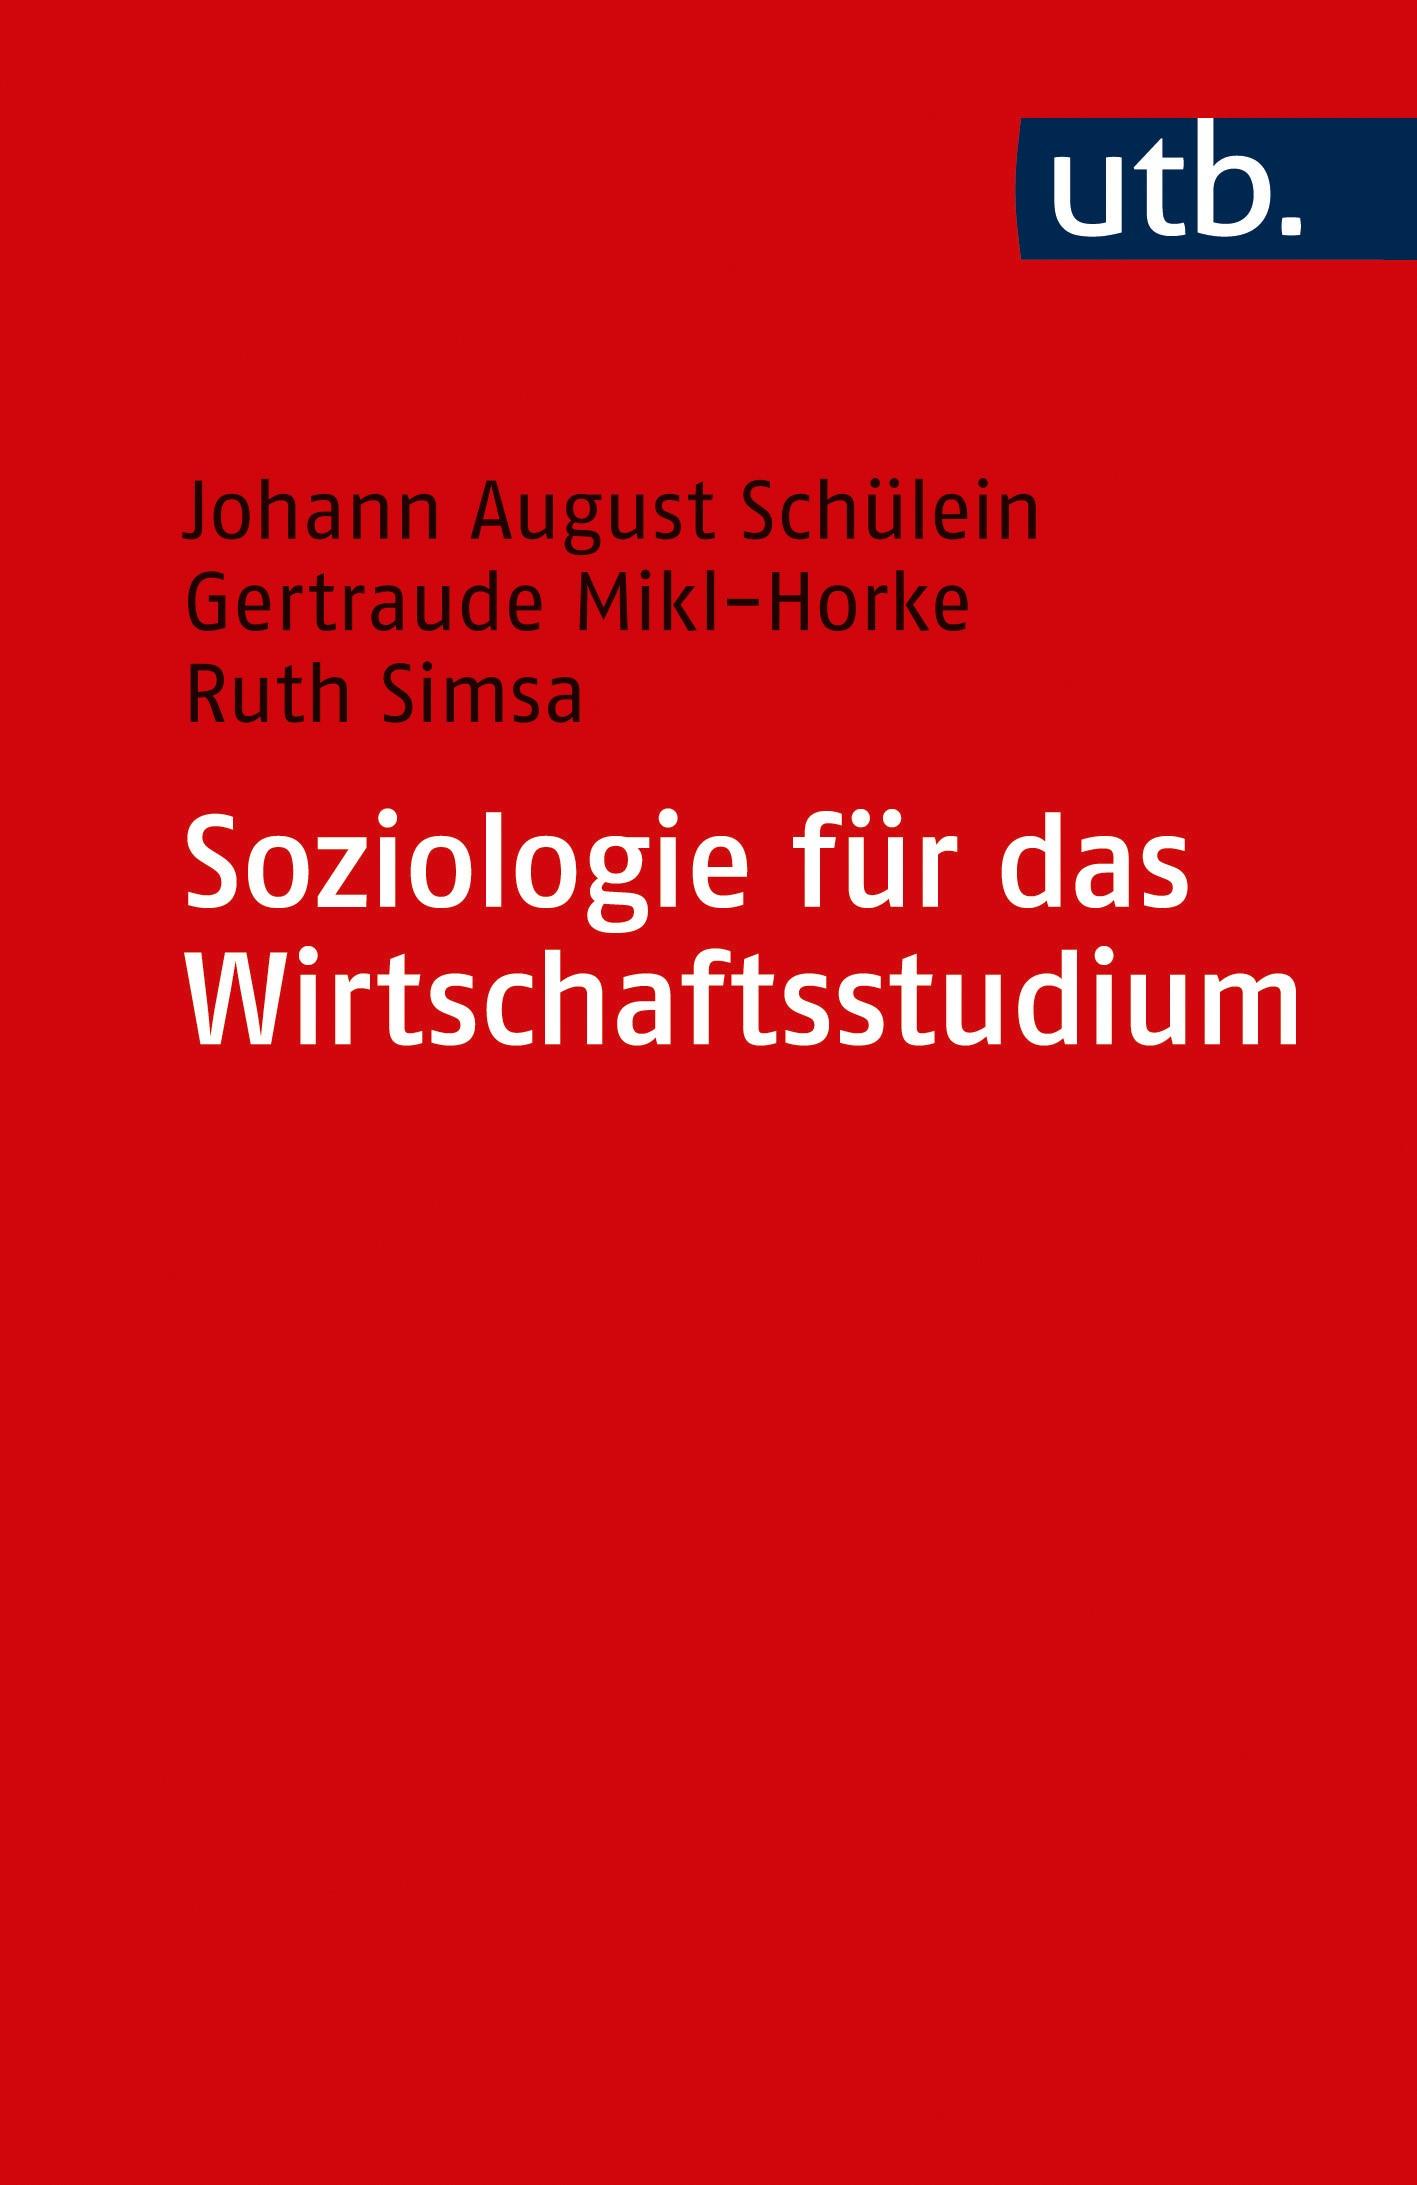 Abbildung von Schülein / Mikl-Horke / Simsa | Soziologie für das Wirtschaftsstudium | Aufl. | 2009